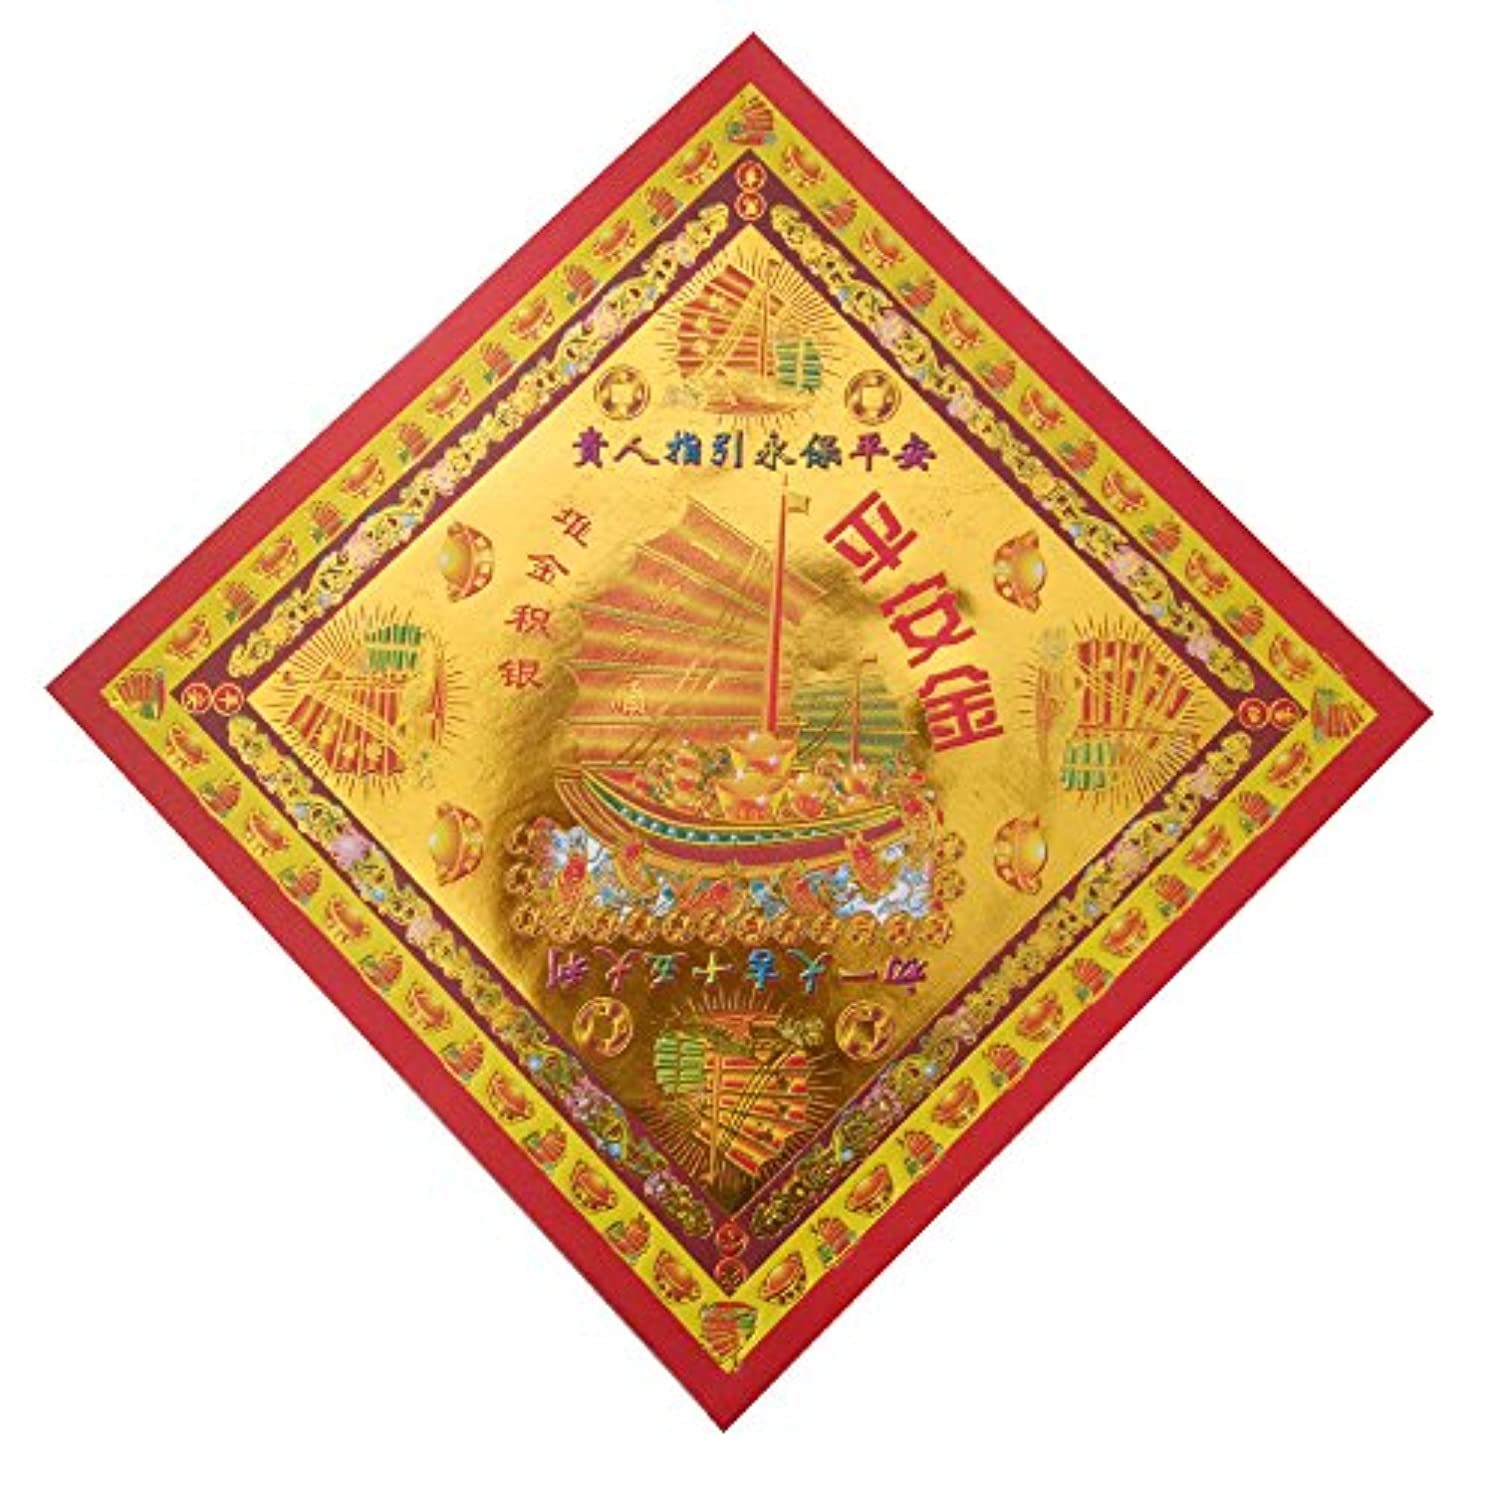 信仰荒らす不利zeestar祖先Incense用紙/Joss用紙ハイグレードカラフルwithゴールドの箔の祖先Praying 7.6インチx 7.6インチ、40個